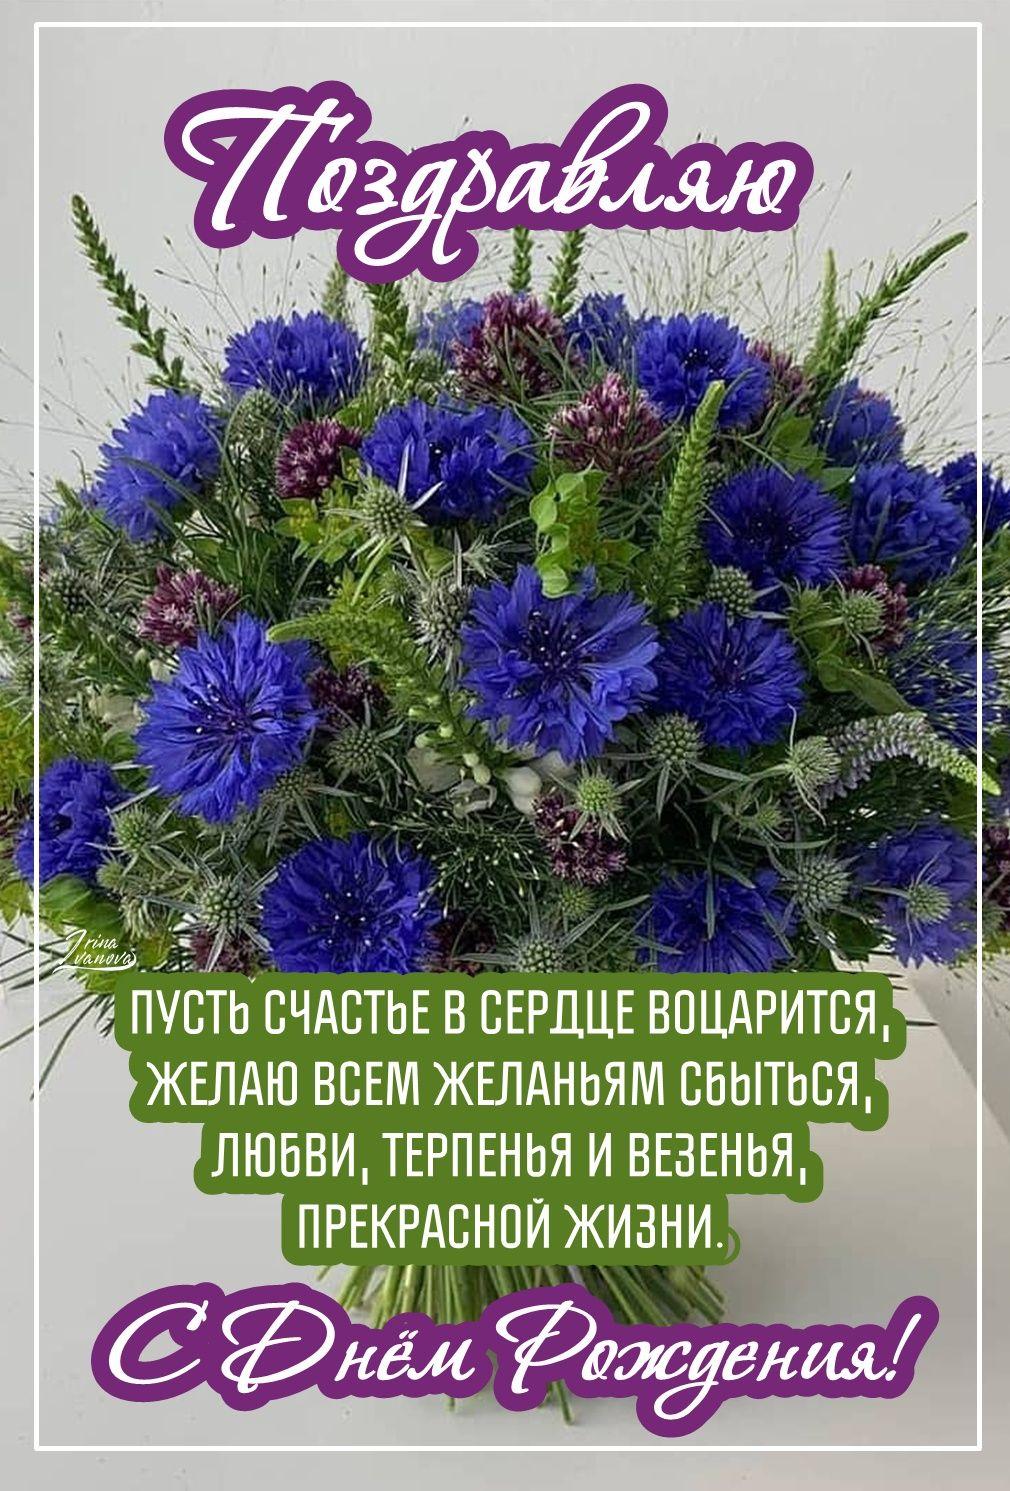 Pozdravleniya S Dnem Rozhdeniya Krasivye V Proze Pozdravitelnye Otkrytki Zhenshine Muzhchine Happy Birthday Beautiful Funny Poems Happy Anniversary